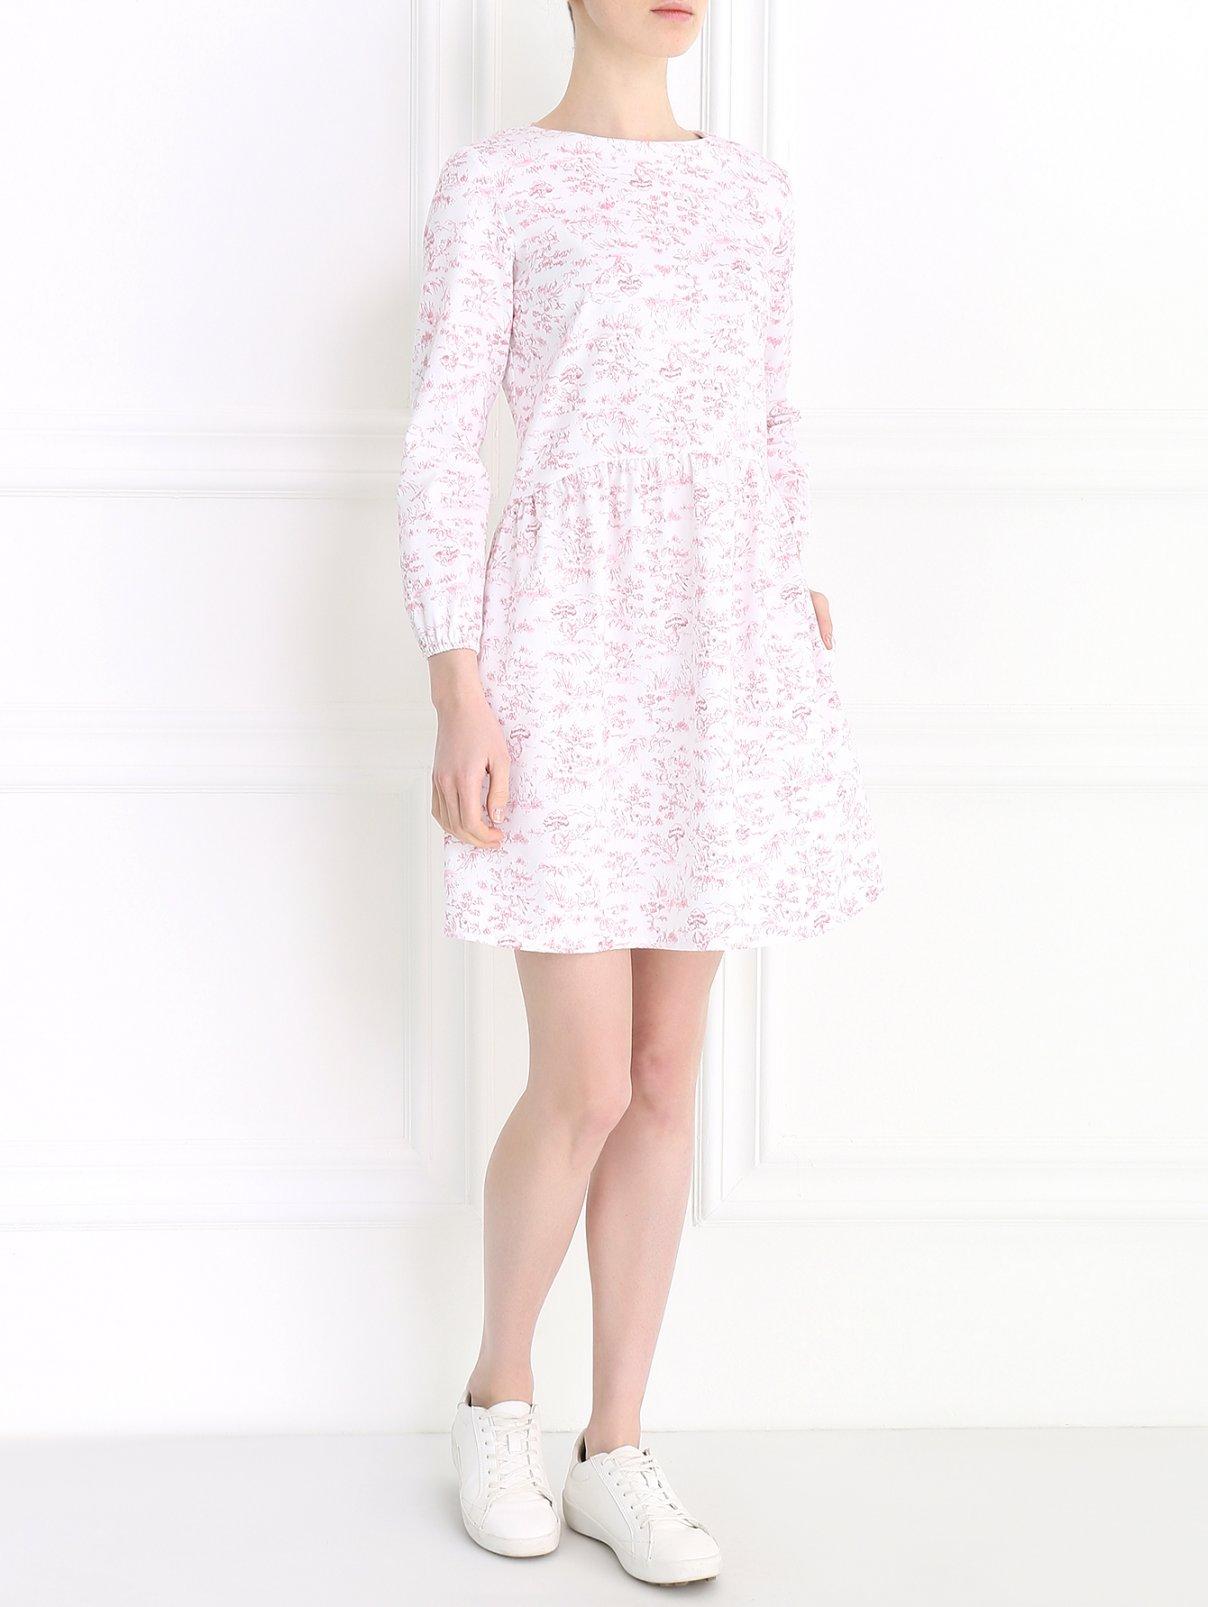 Платье-мини с длинным рукавом Petit Jete  –  Модель Общий вид  – Цвет:  Узор